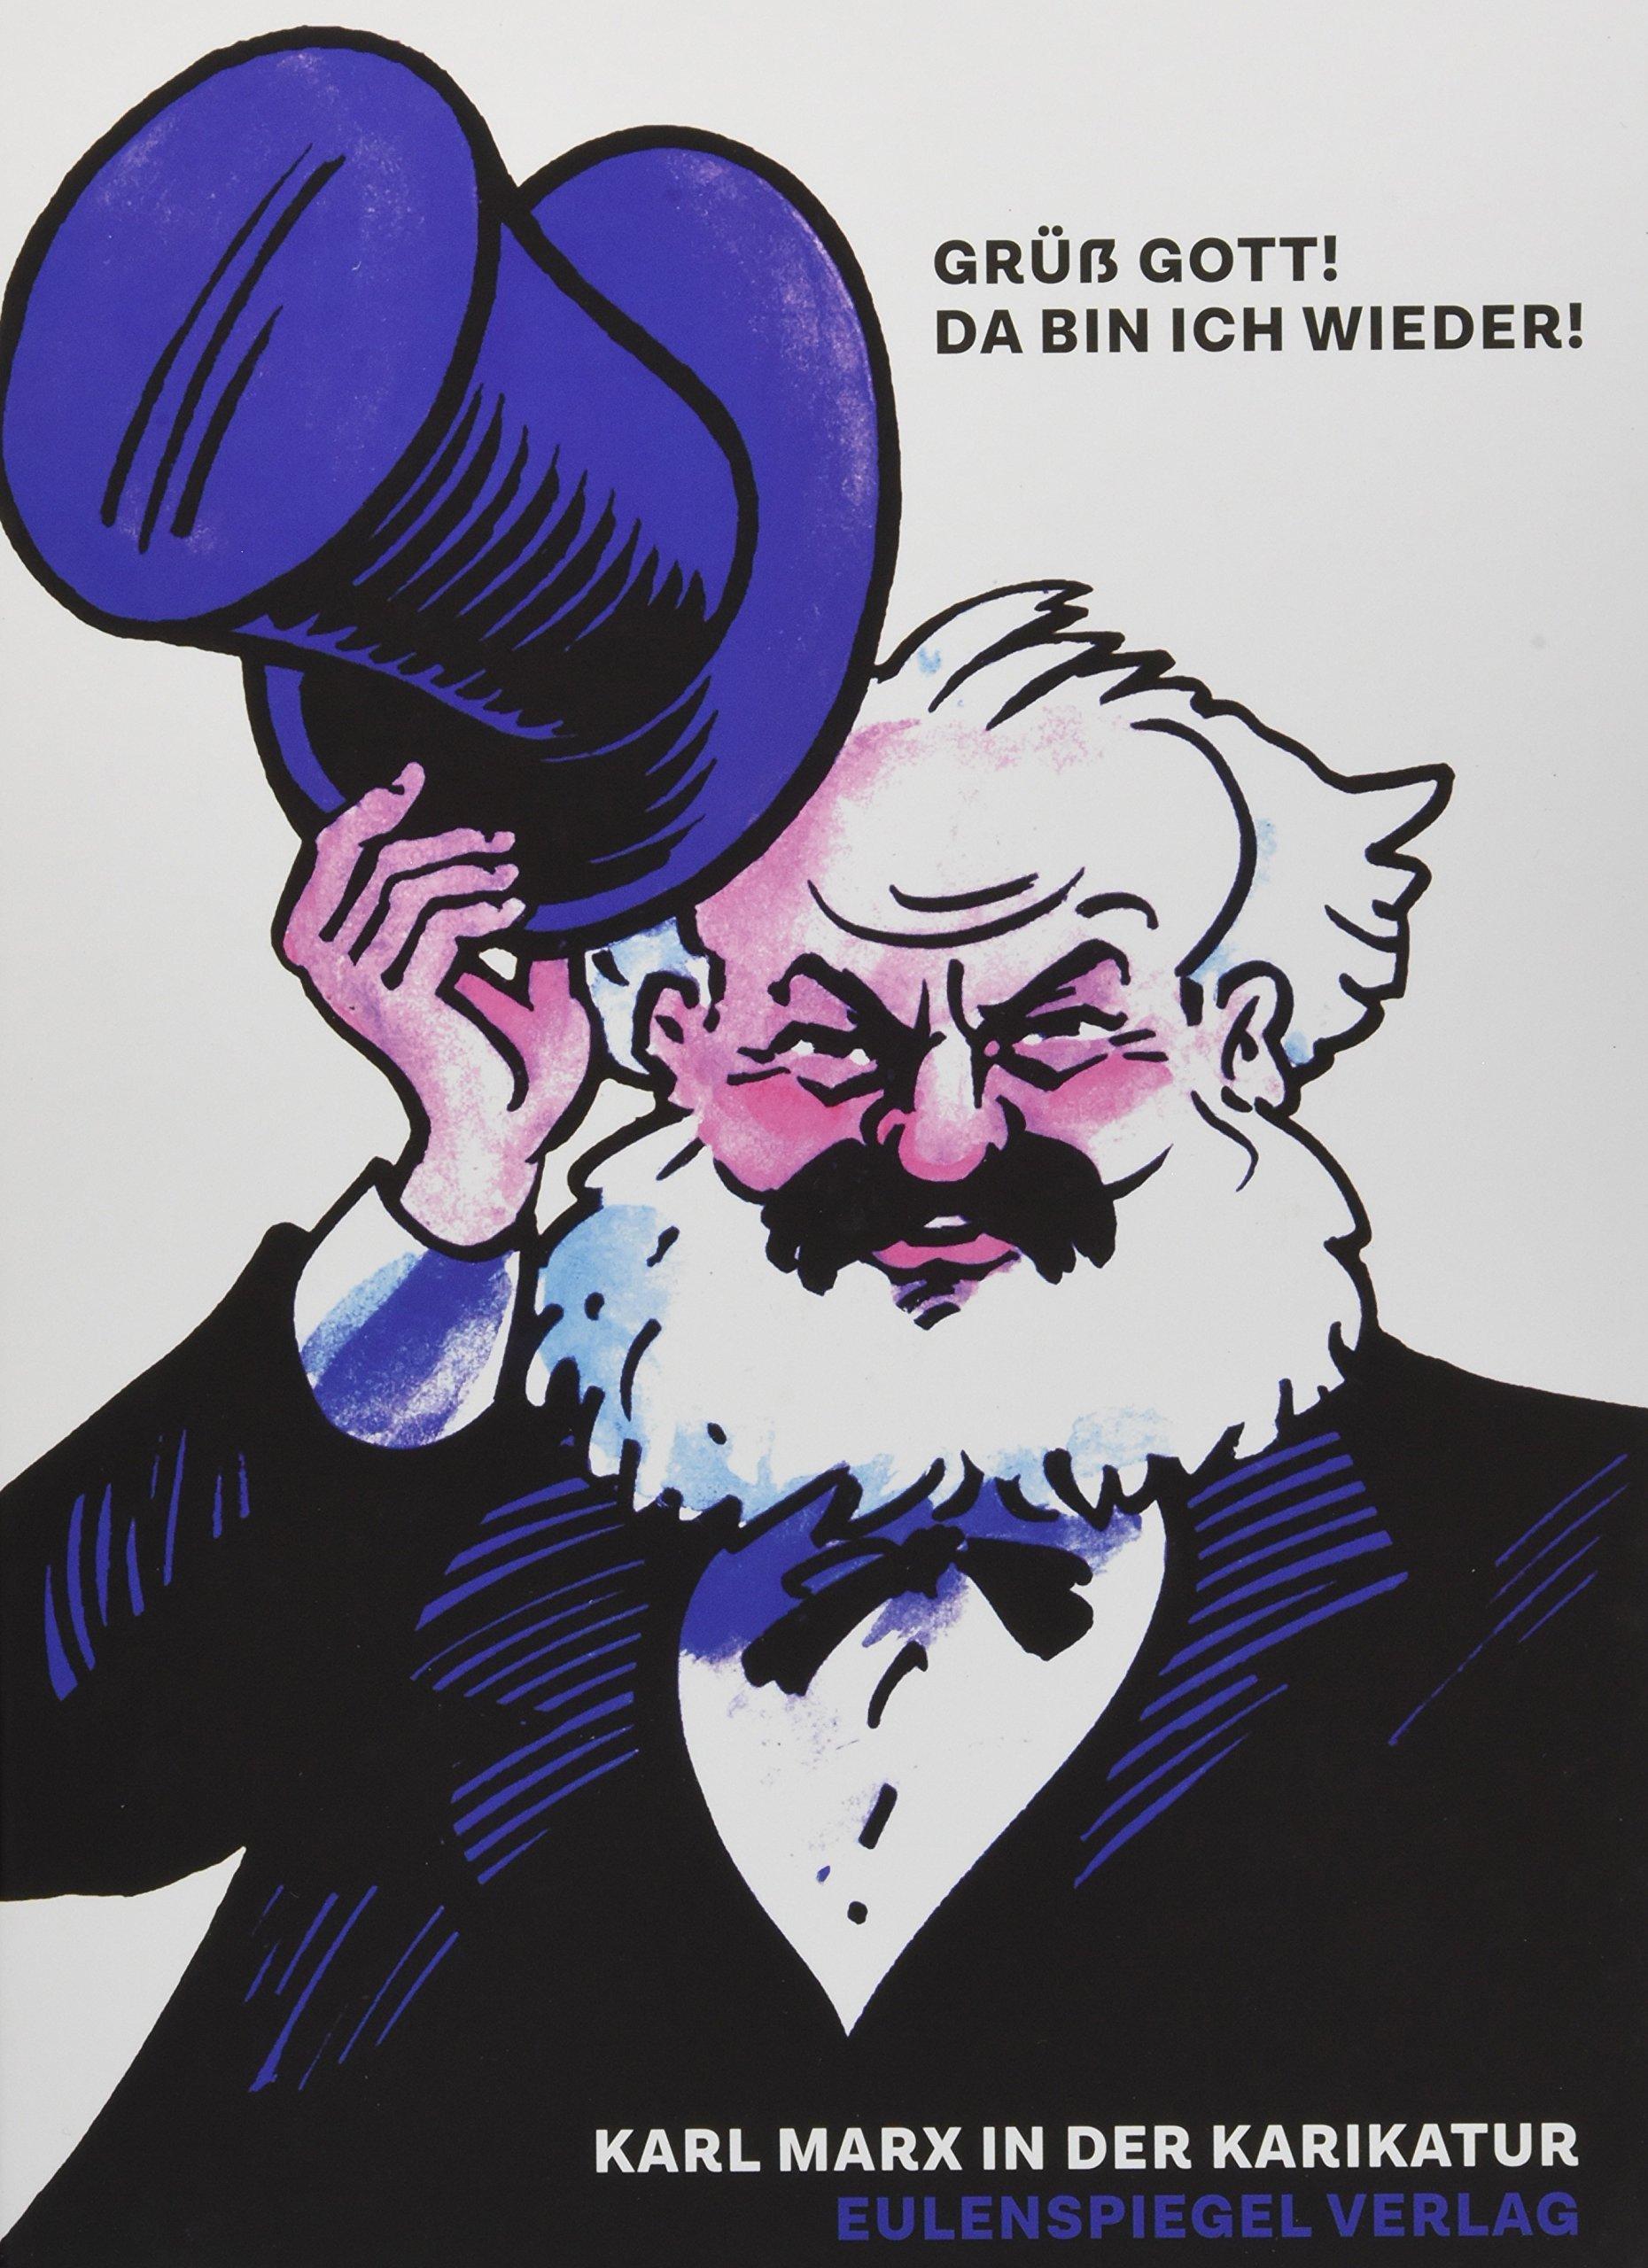 Grüß Gott! Da bin ich wieder!: Karl Marx in der Karikatur